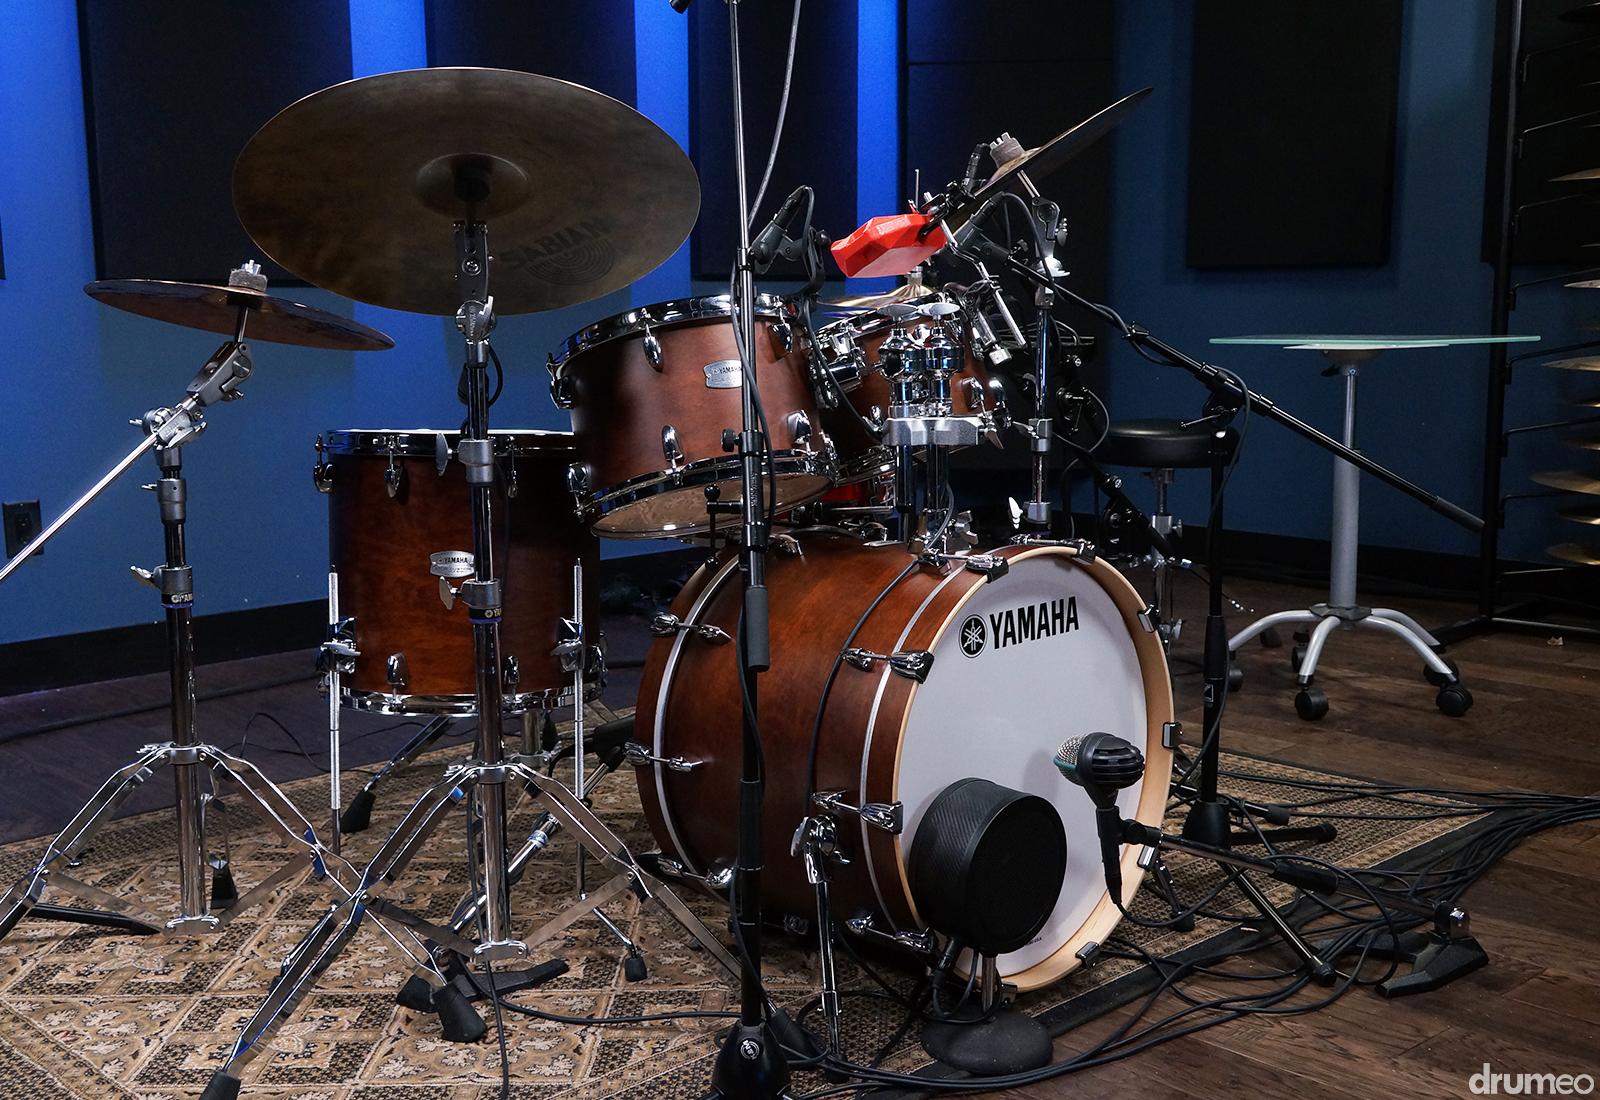 yamaha tour custom drums. Black Bedroom Furniture Sets. Home Design Ideas